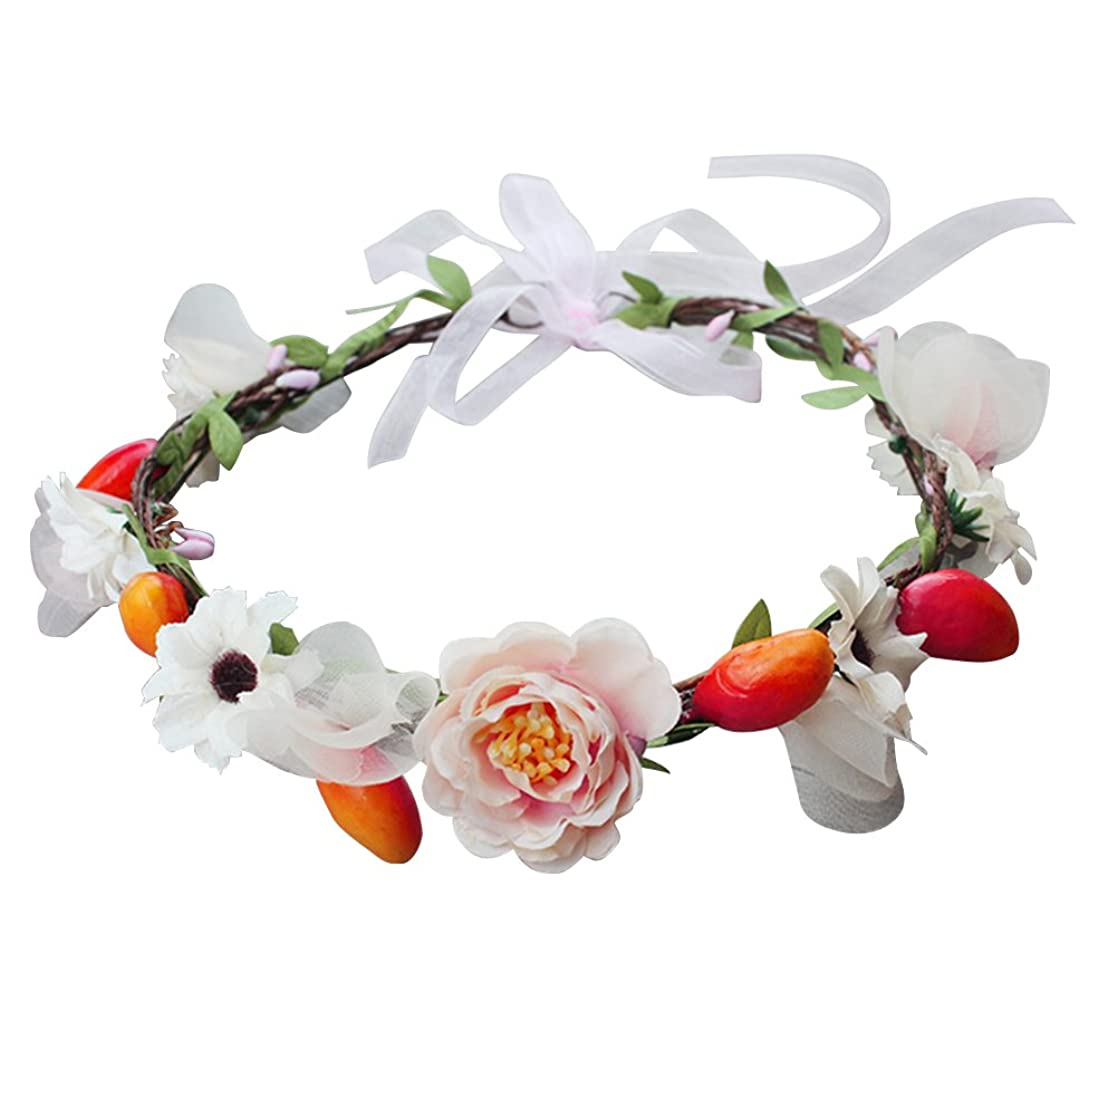 回路万歳トレッドWINOMO 花かんむり 花冠 花飾り ヘアアクセサリー ブライダル ウェディング 結婚式 花嫁 写真 発表会